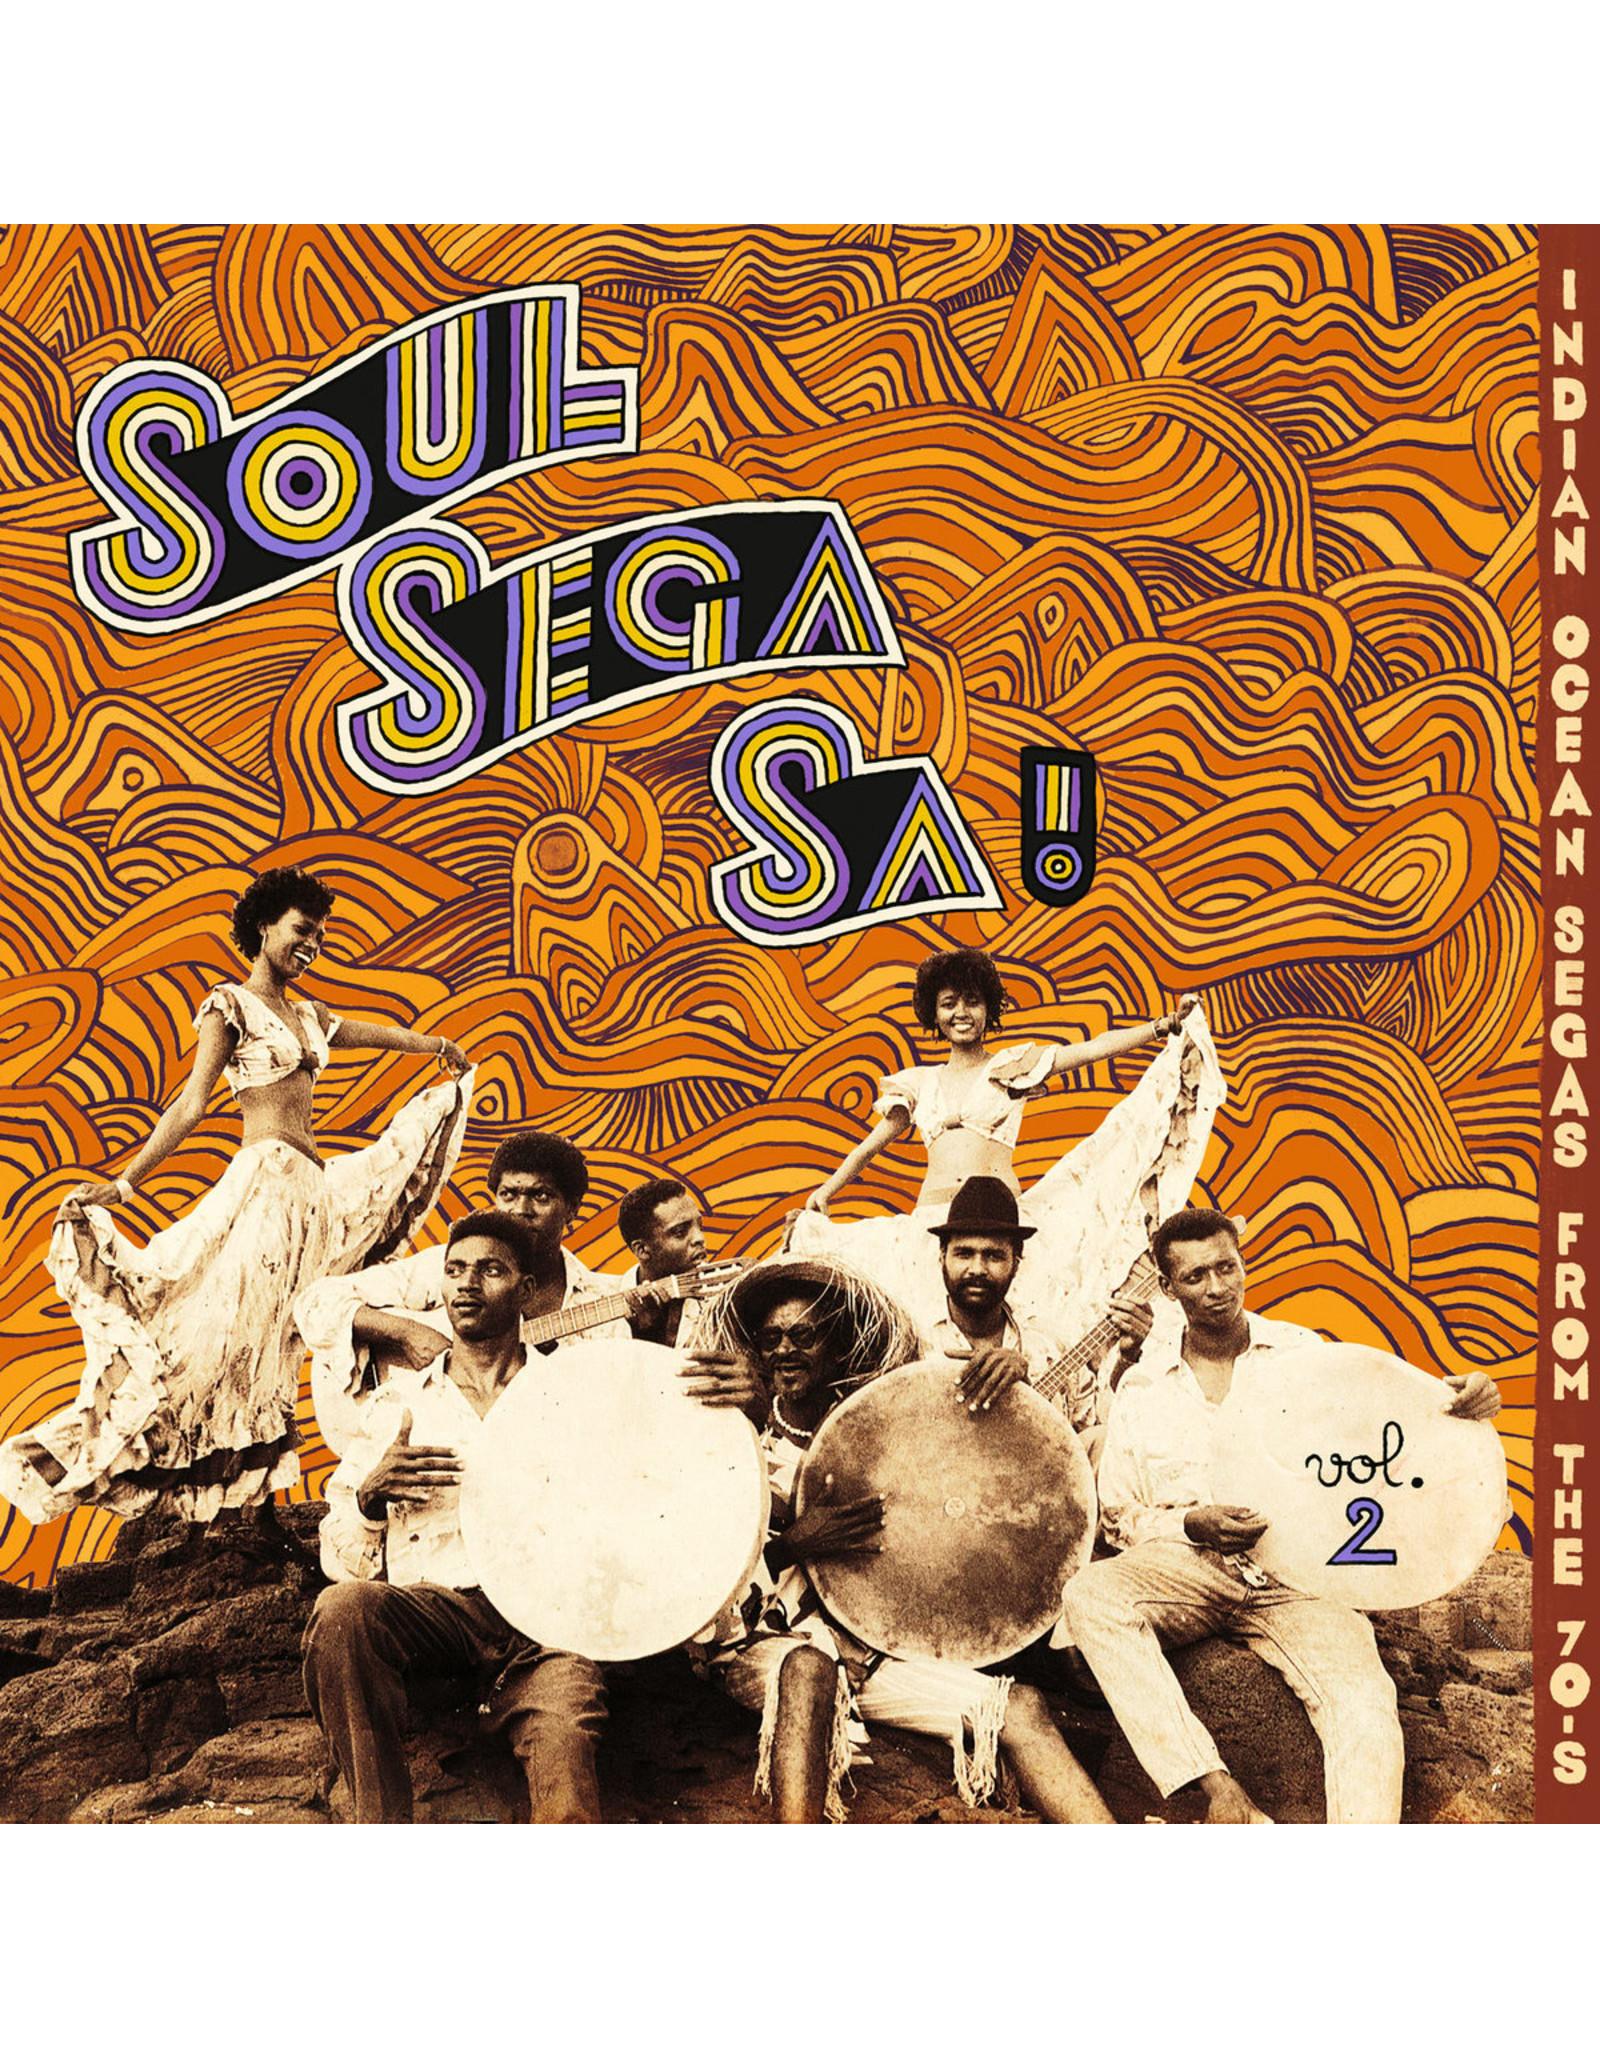 New Vinyl Various - Soul Sega Sa! Vol. 2: Indian Ocean Segas From The 70s LP